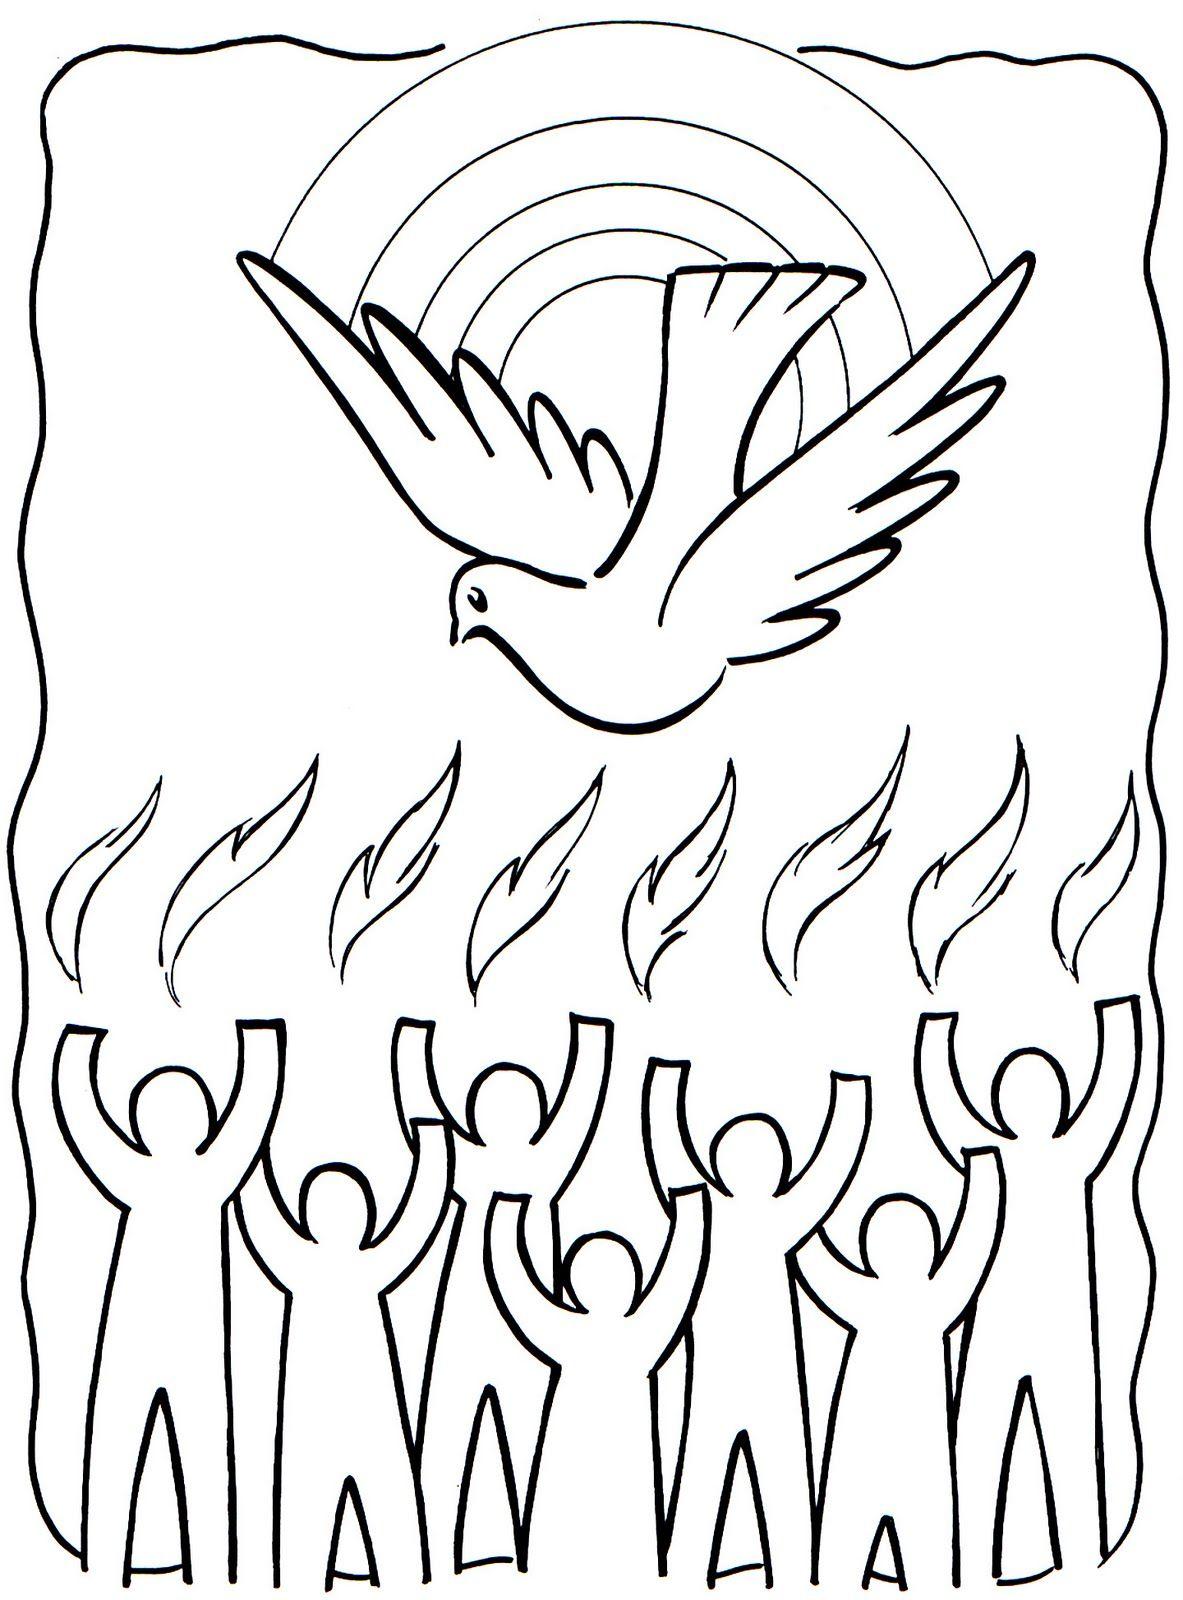 Epingle Par Kt42 Catechisme Sur Pentecote Et Ascension